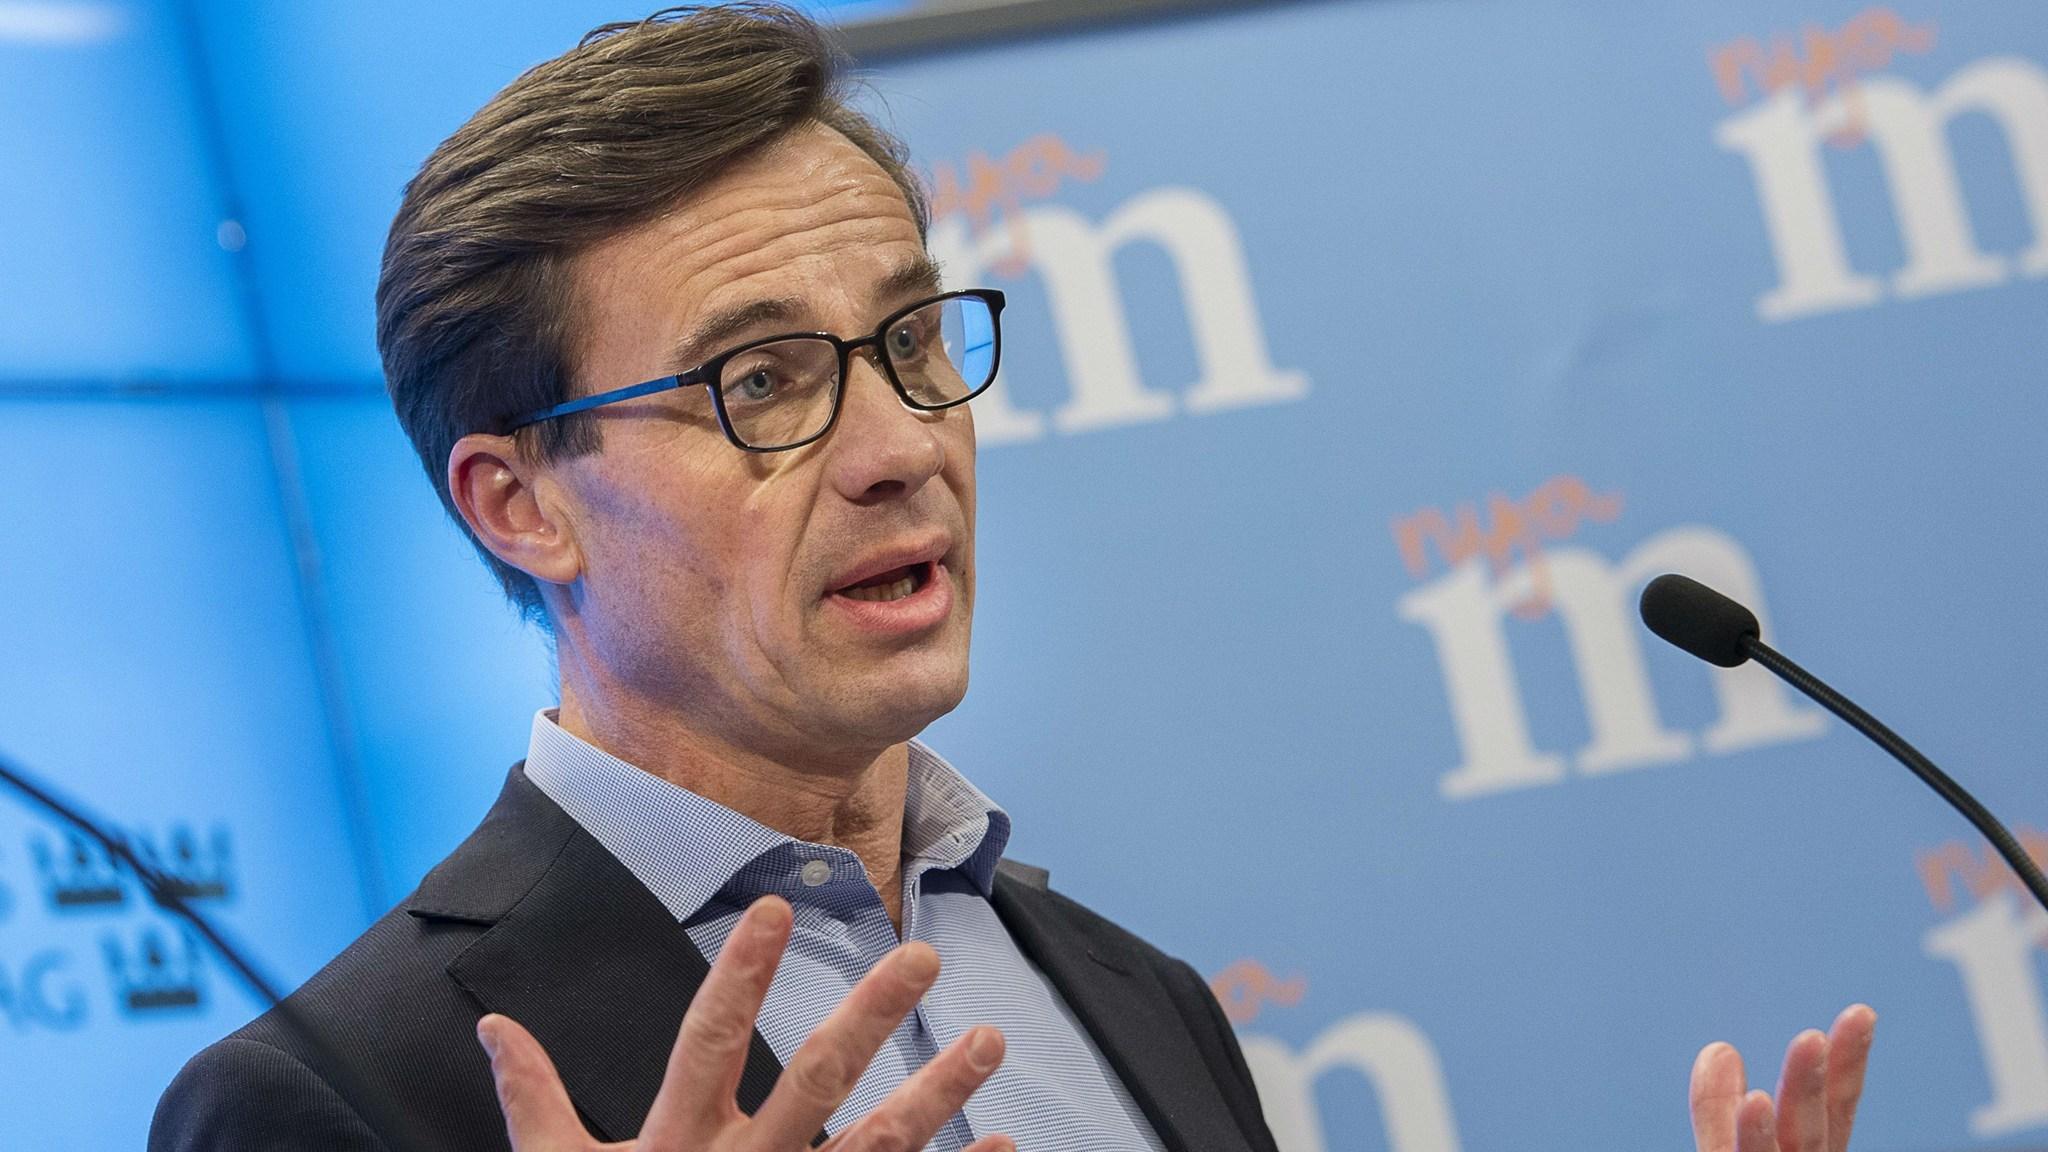 Ульфу Кристерсону, лидеру правоцентристского Альянса парламент Швеции не доверил формирование нового правительства